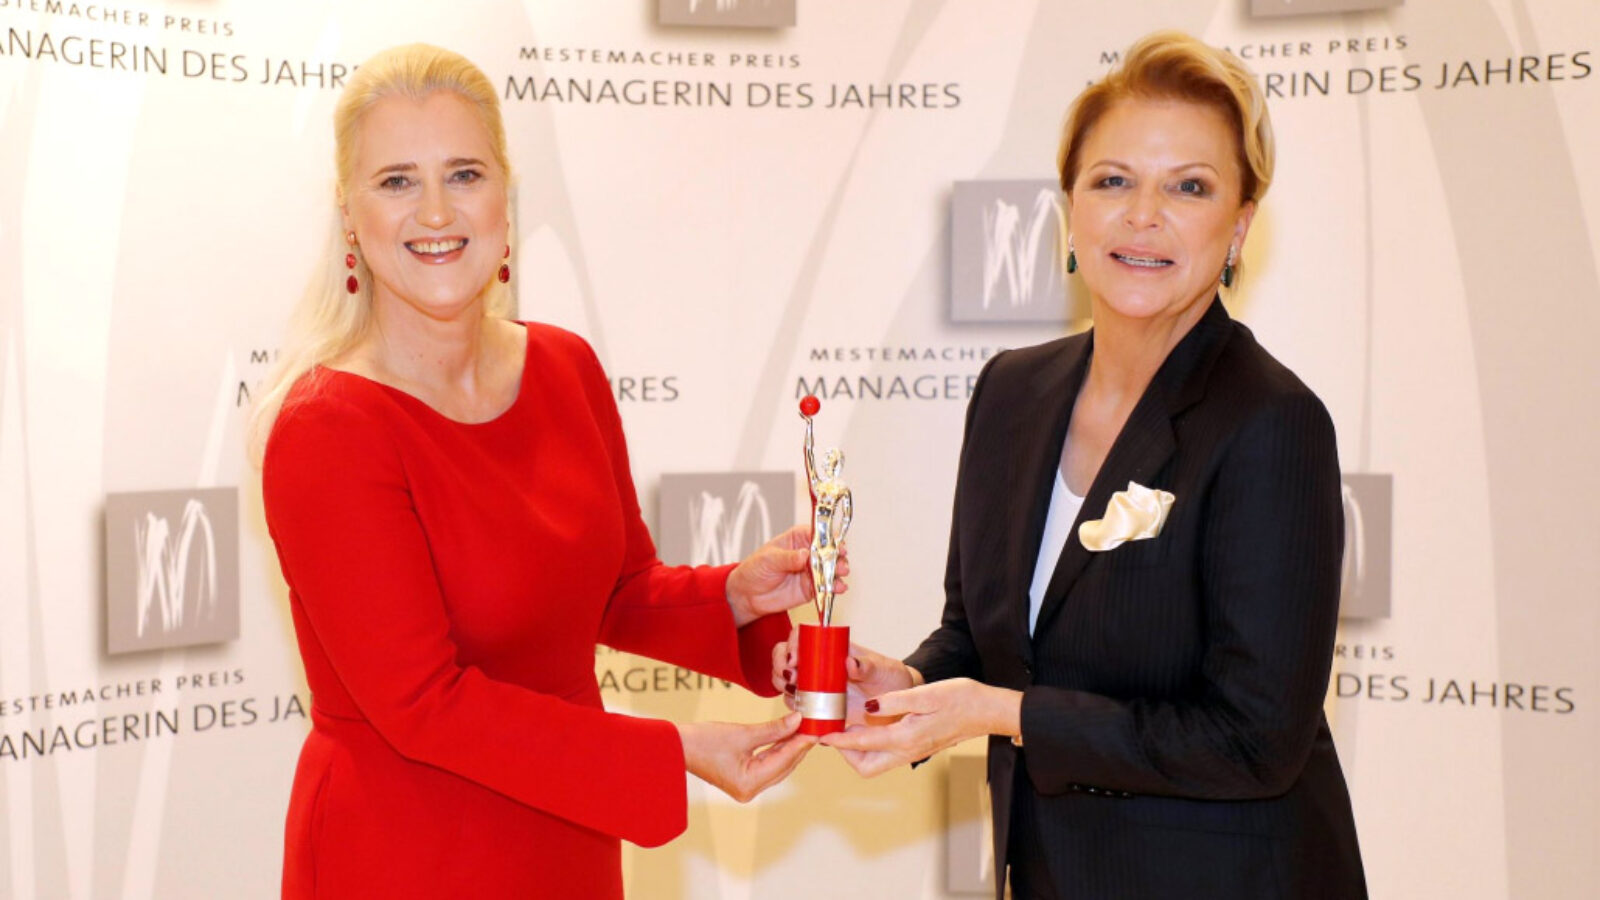 MESTEMACHER: Gleichstellungspreis für Angela Titzrath